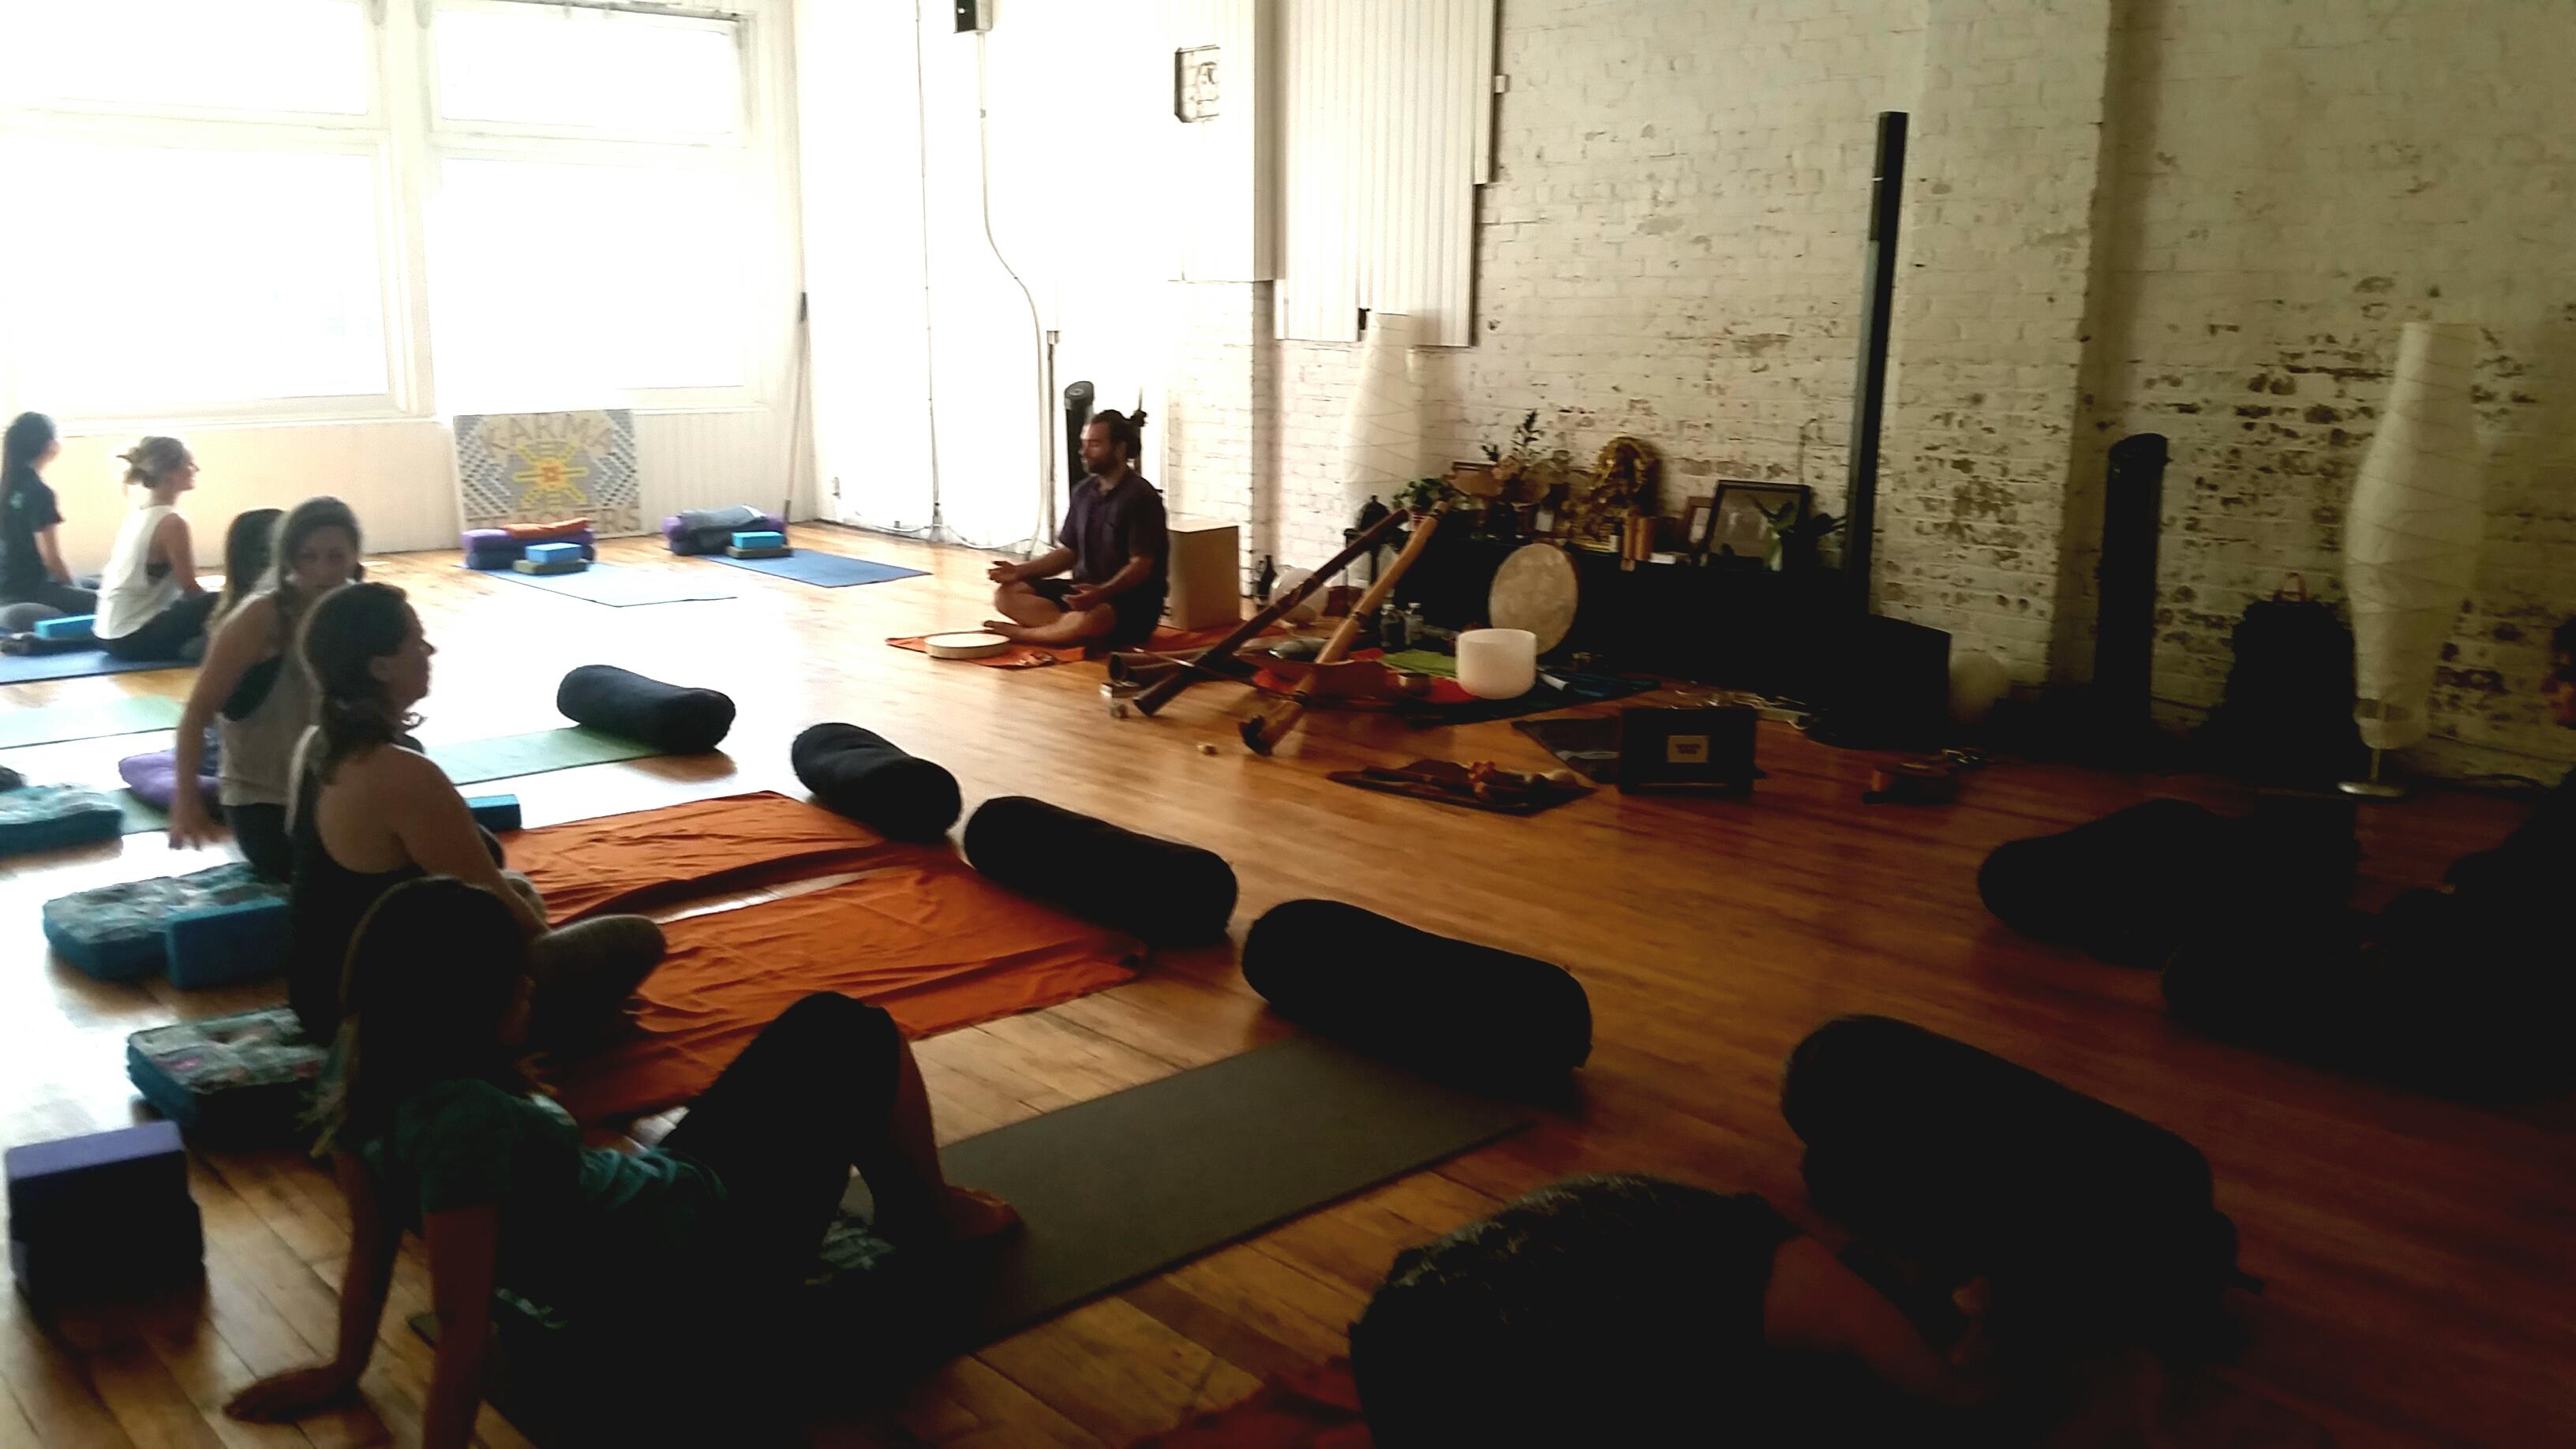 Karma Yoga Event Vancouver BC